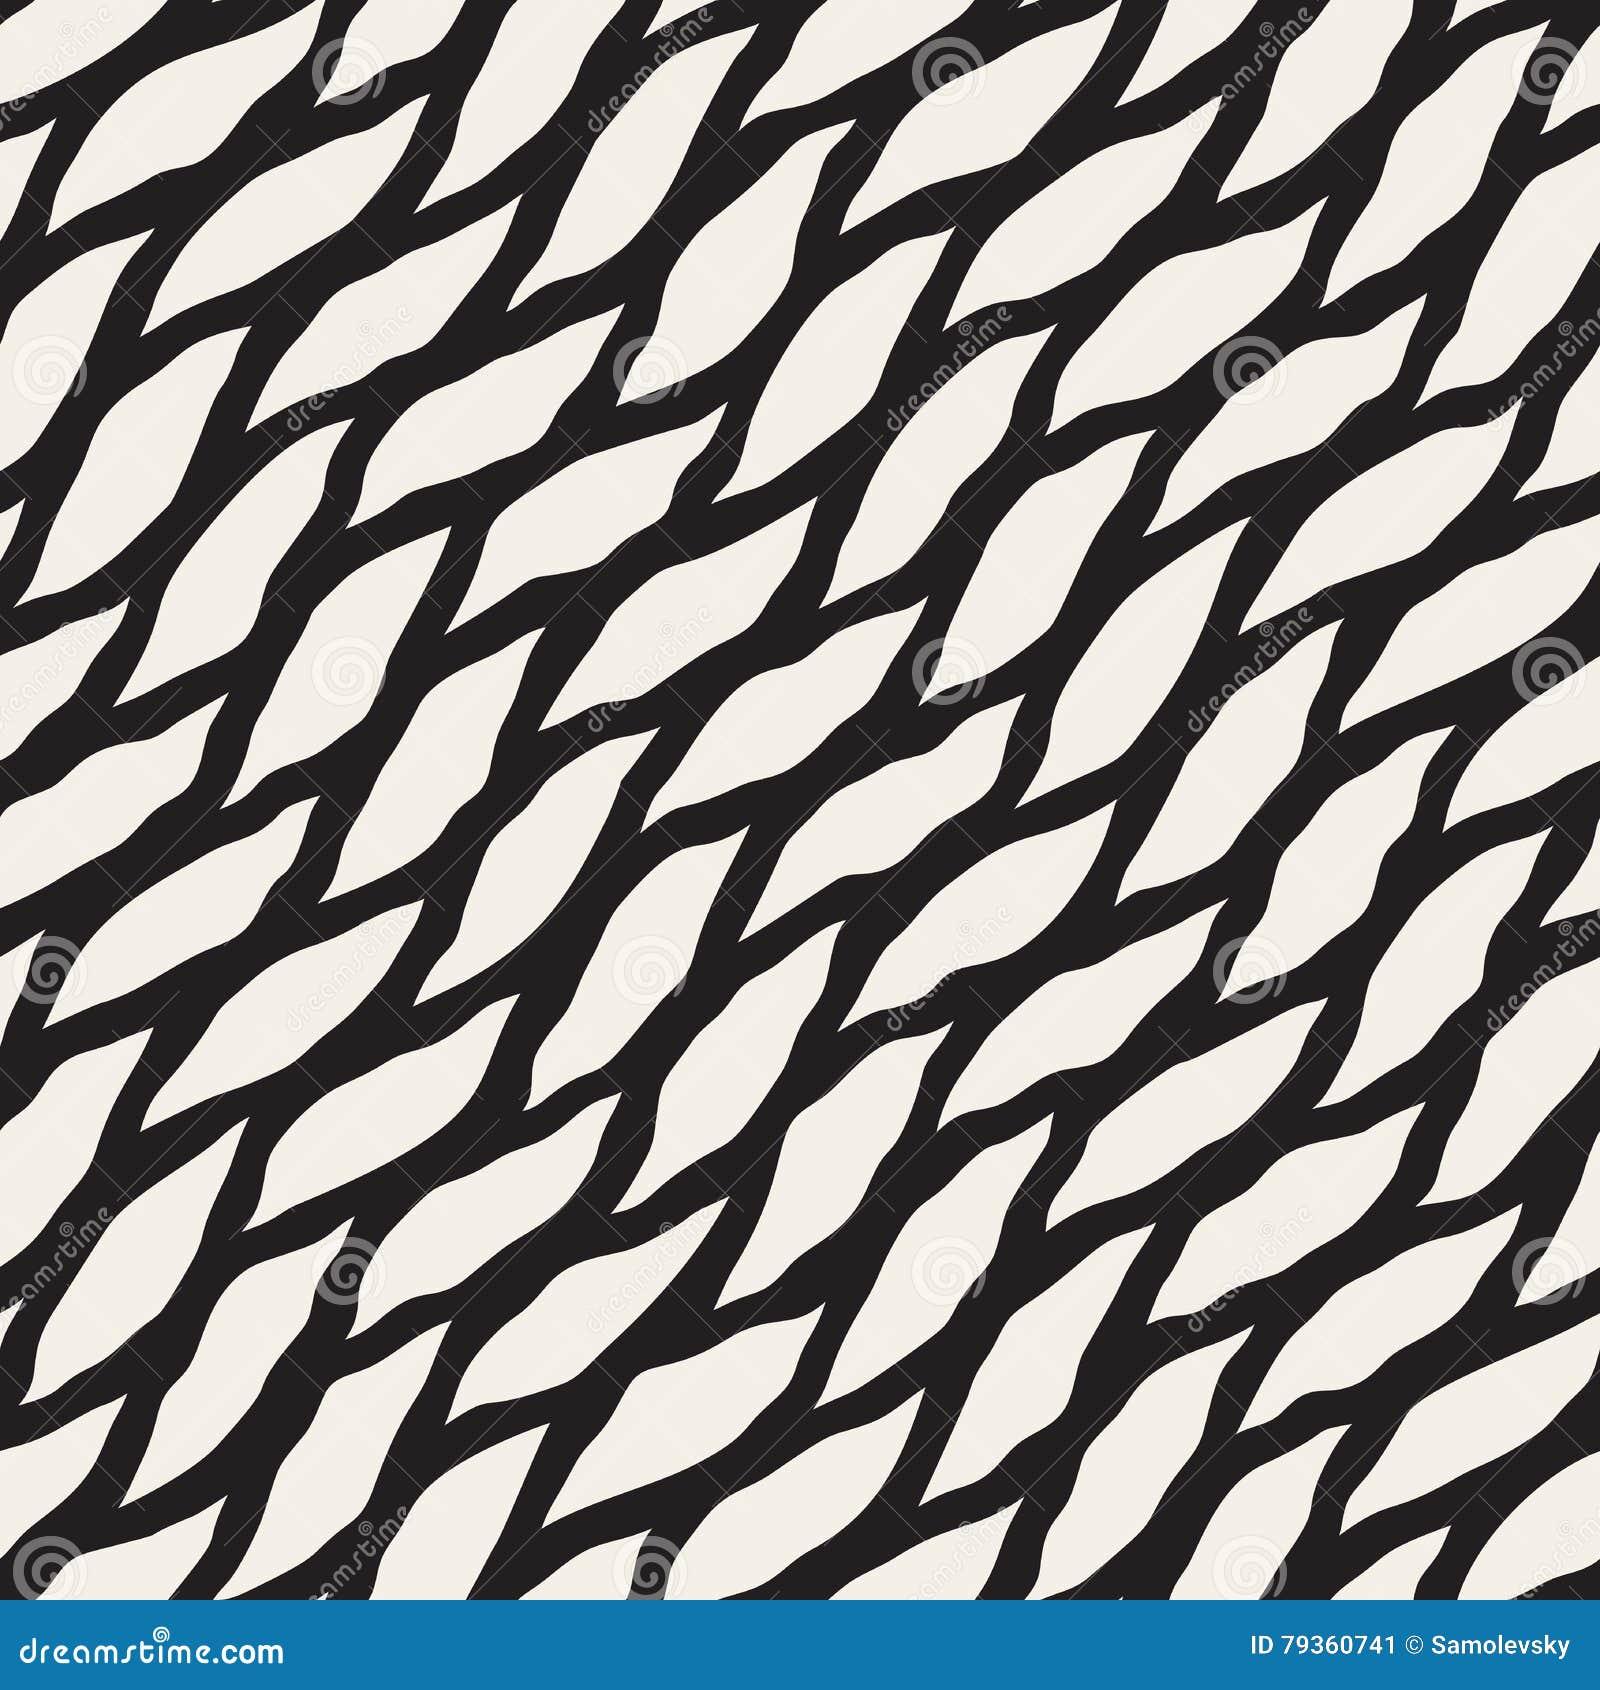 Vektor-nahtlose Schwarzweiss-Hand gezeichnetes diagonales runde Form-Muster